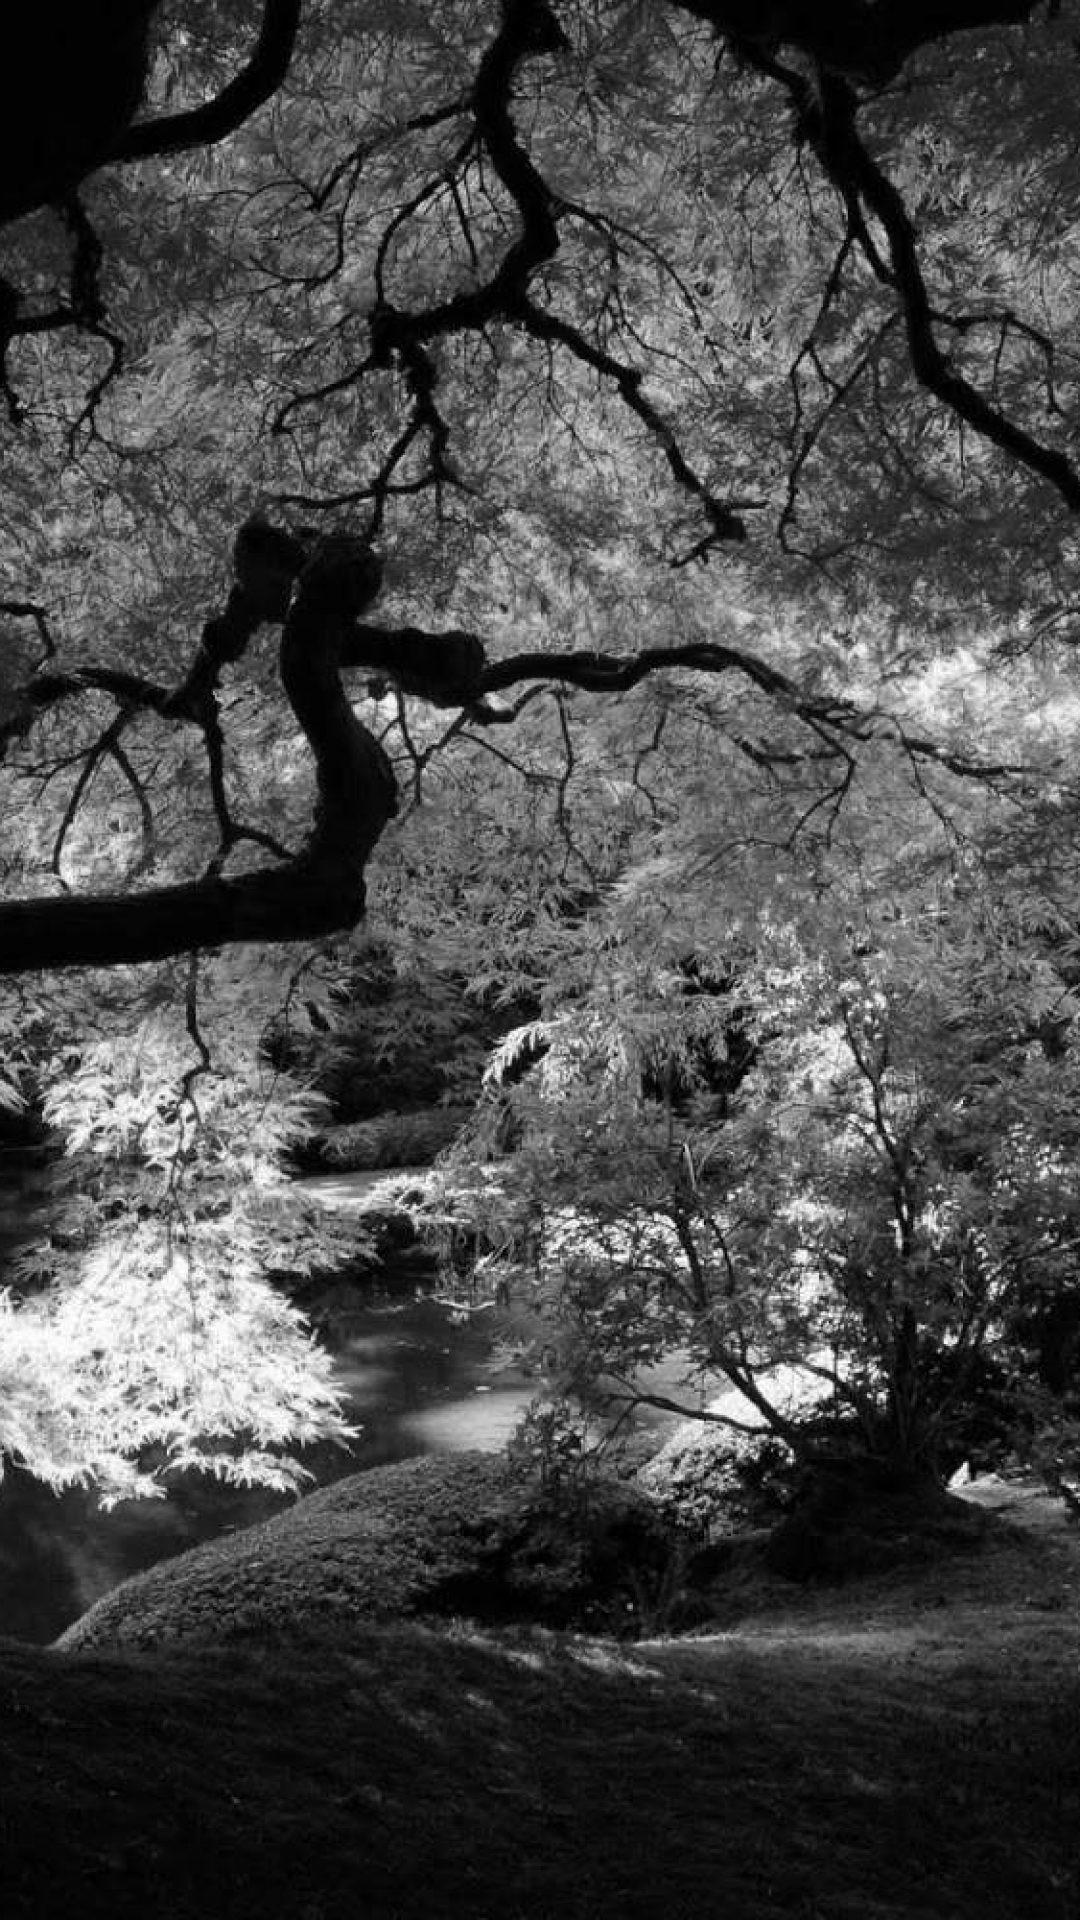 1920x1080 Black And White Landscapes Nature Monochrome Sea Wallpaper